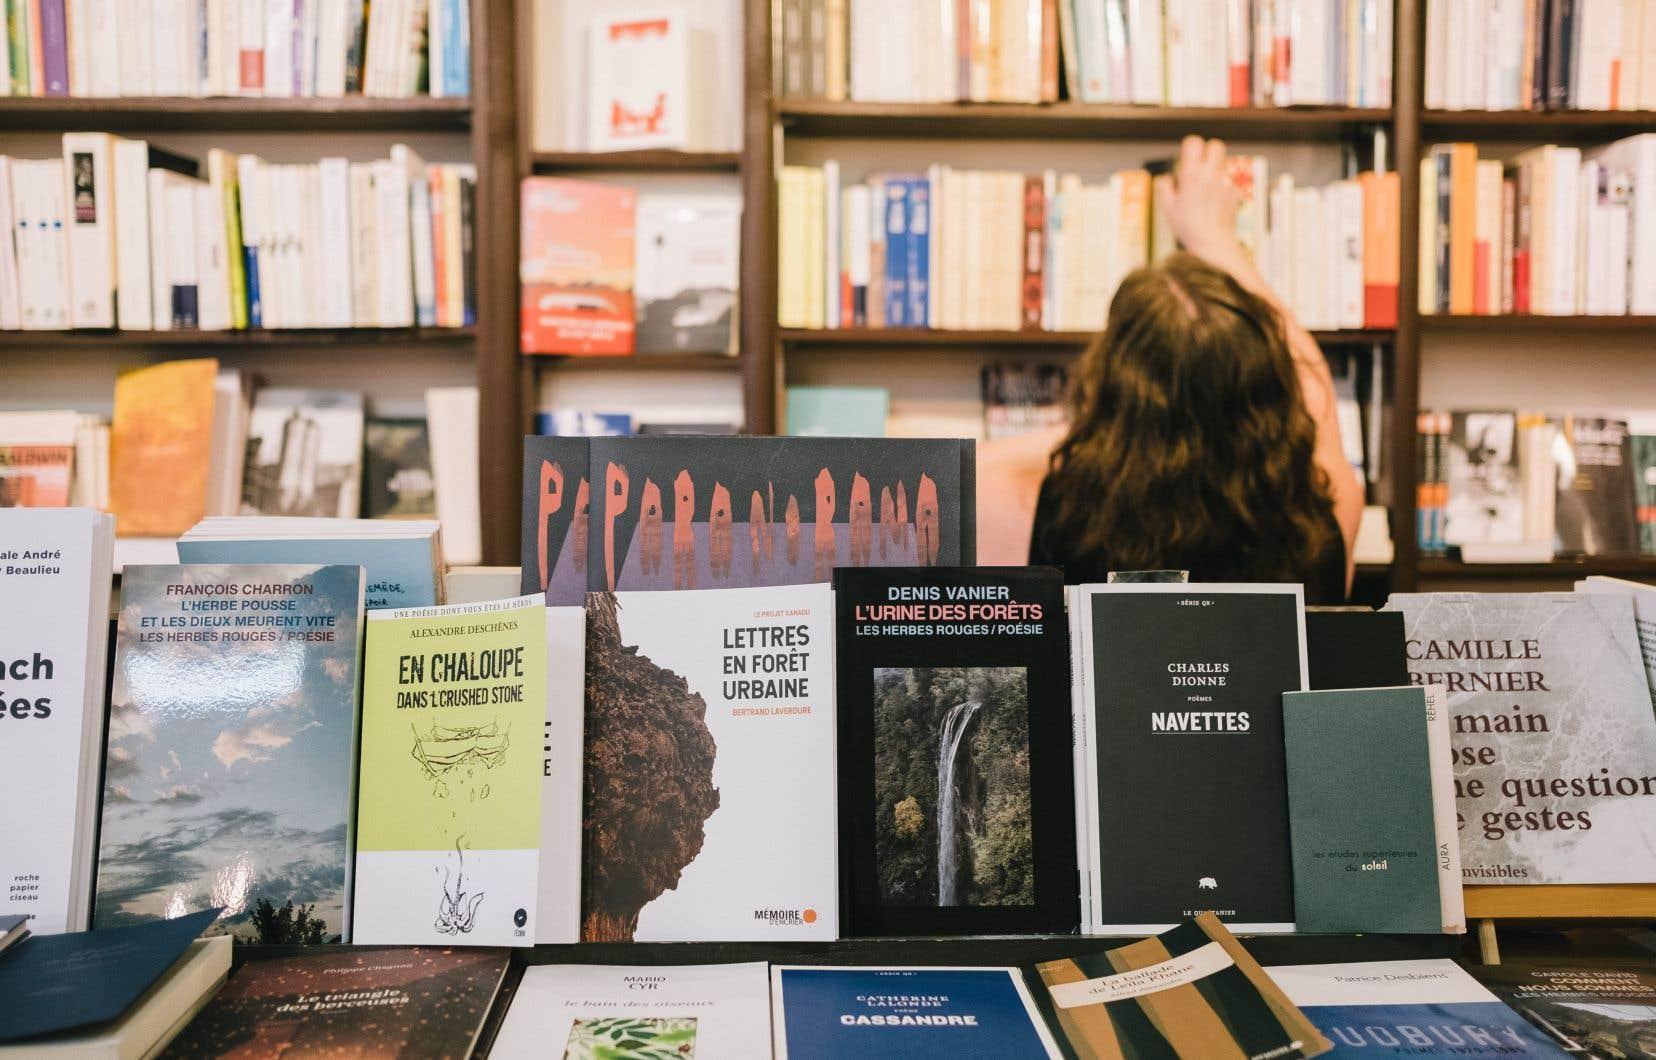 Au Québec, les manuscrits des femmes sont moins publiés que ceux des hommes (37% contre 54%).